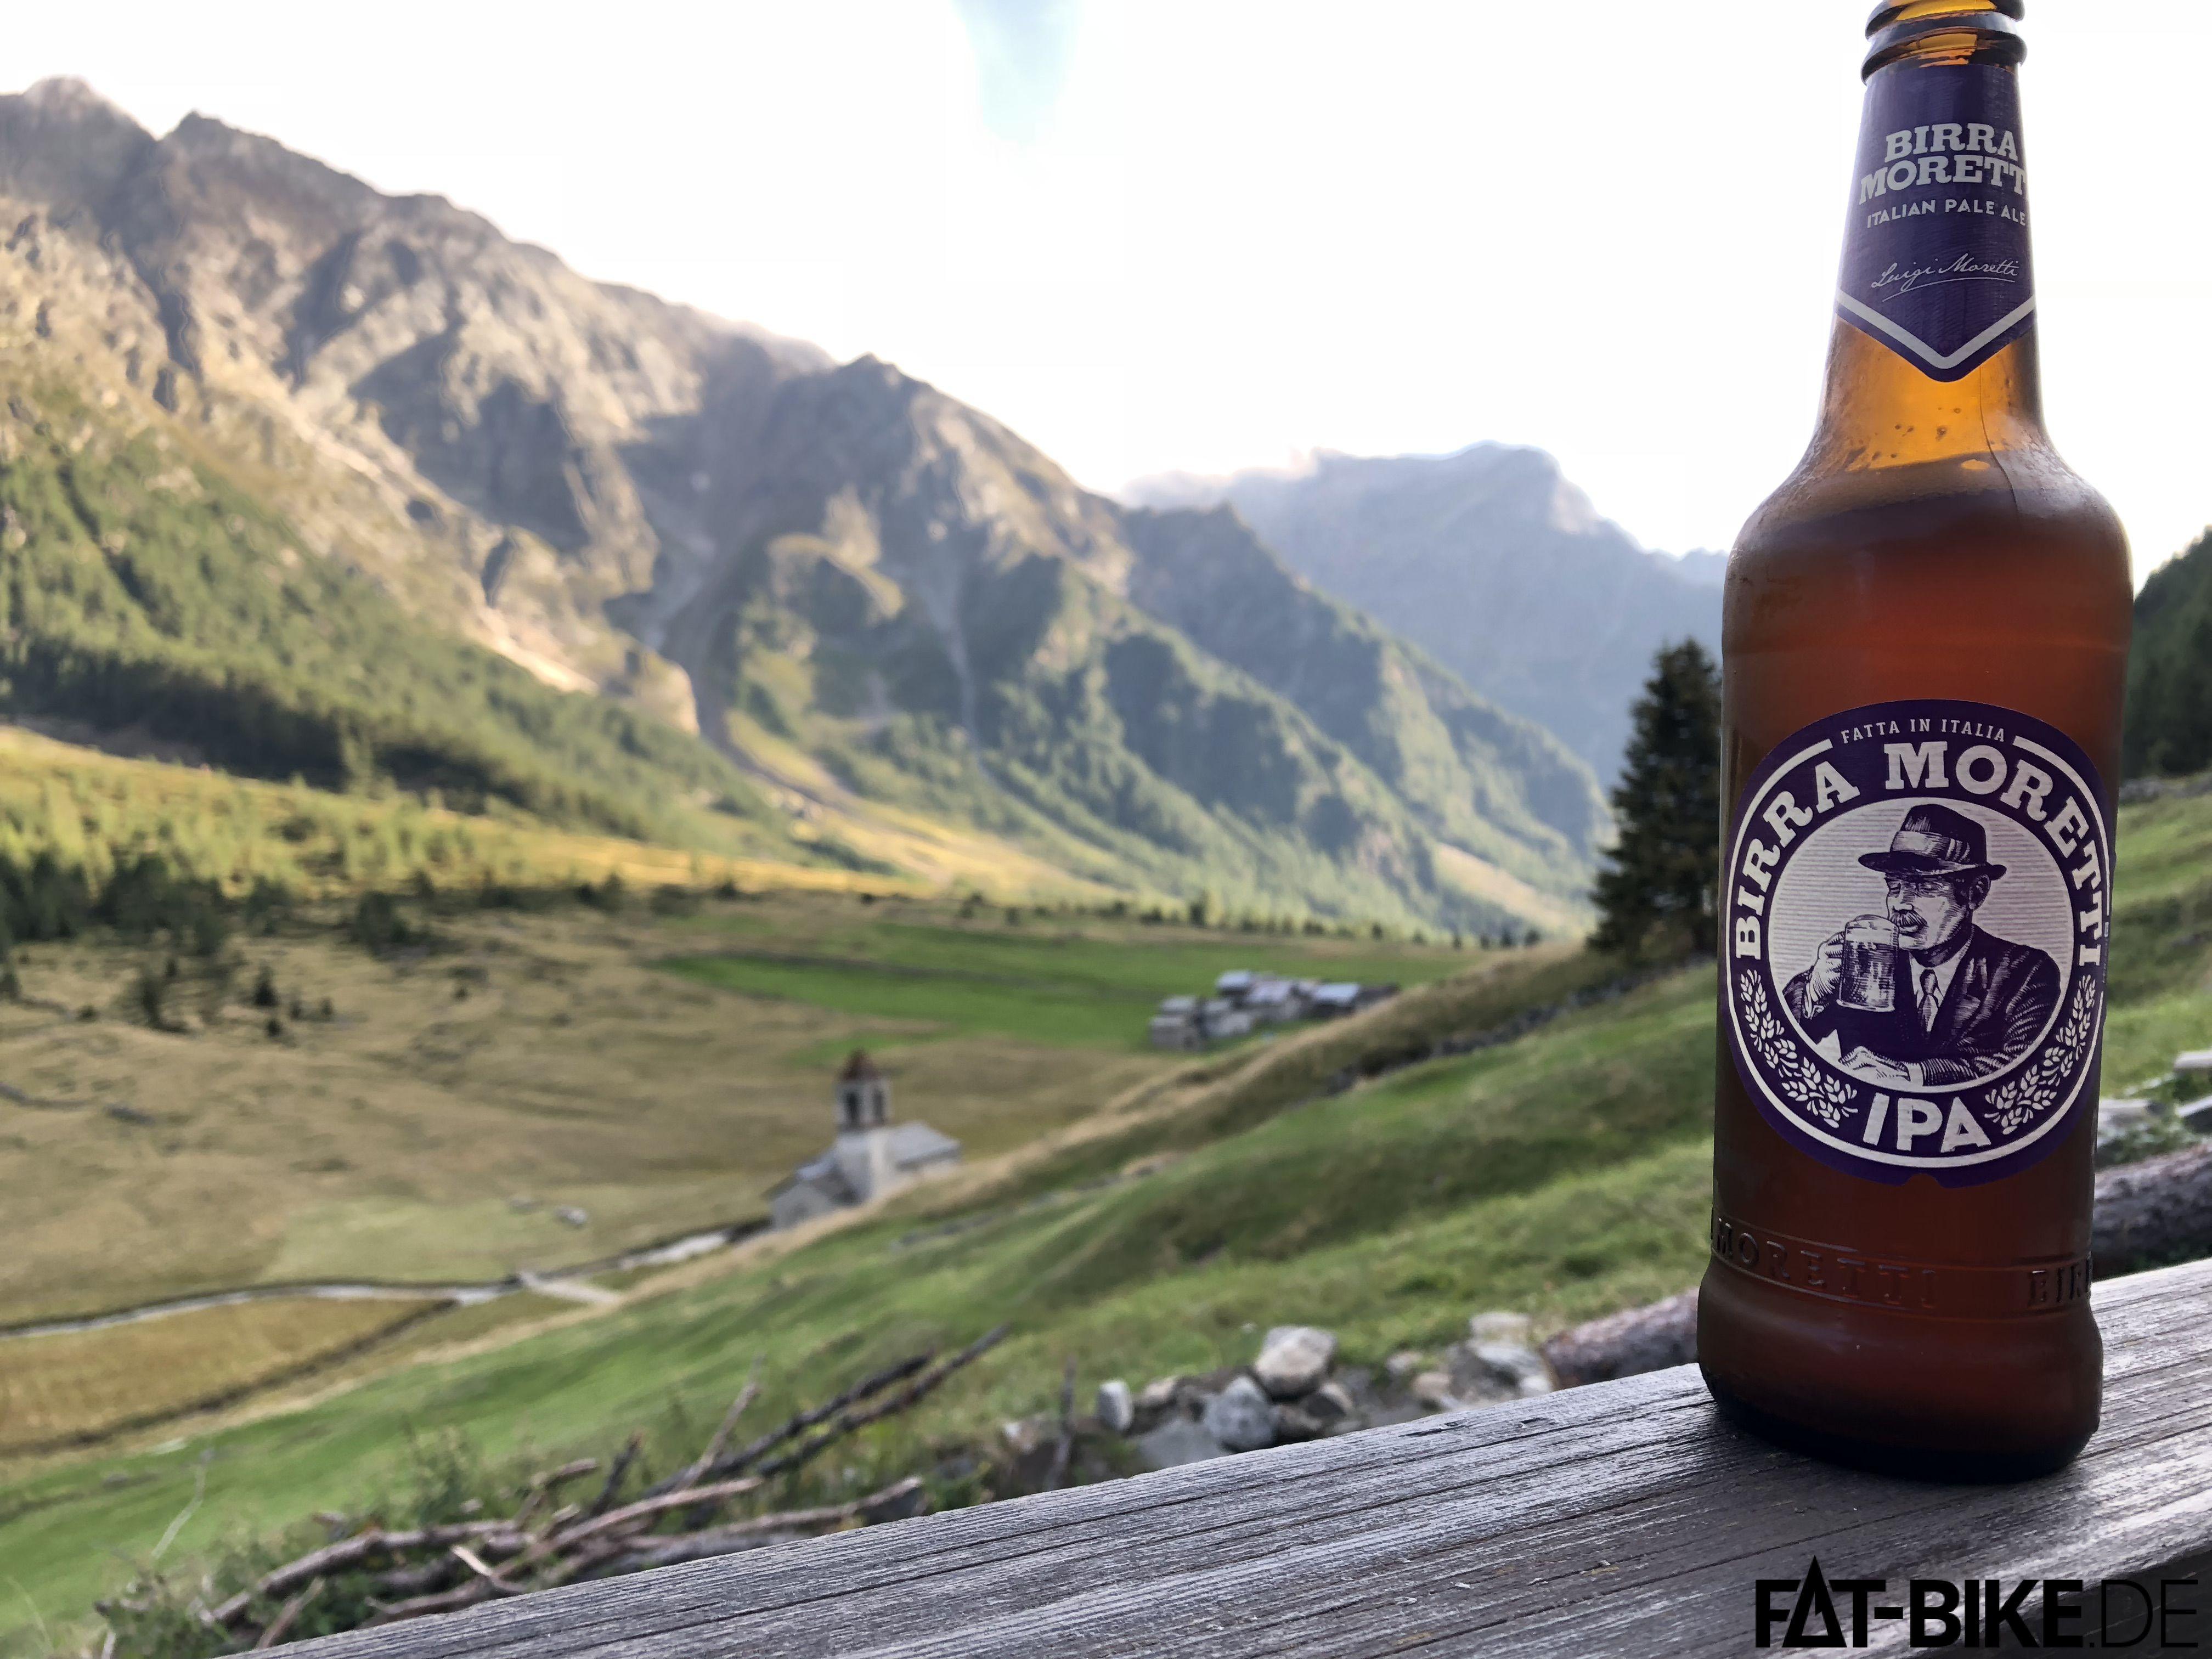 Bier zur Ankunft auf La Baita. Schöner kann es kaum werden.